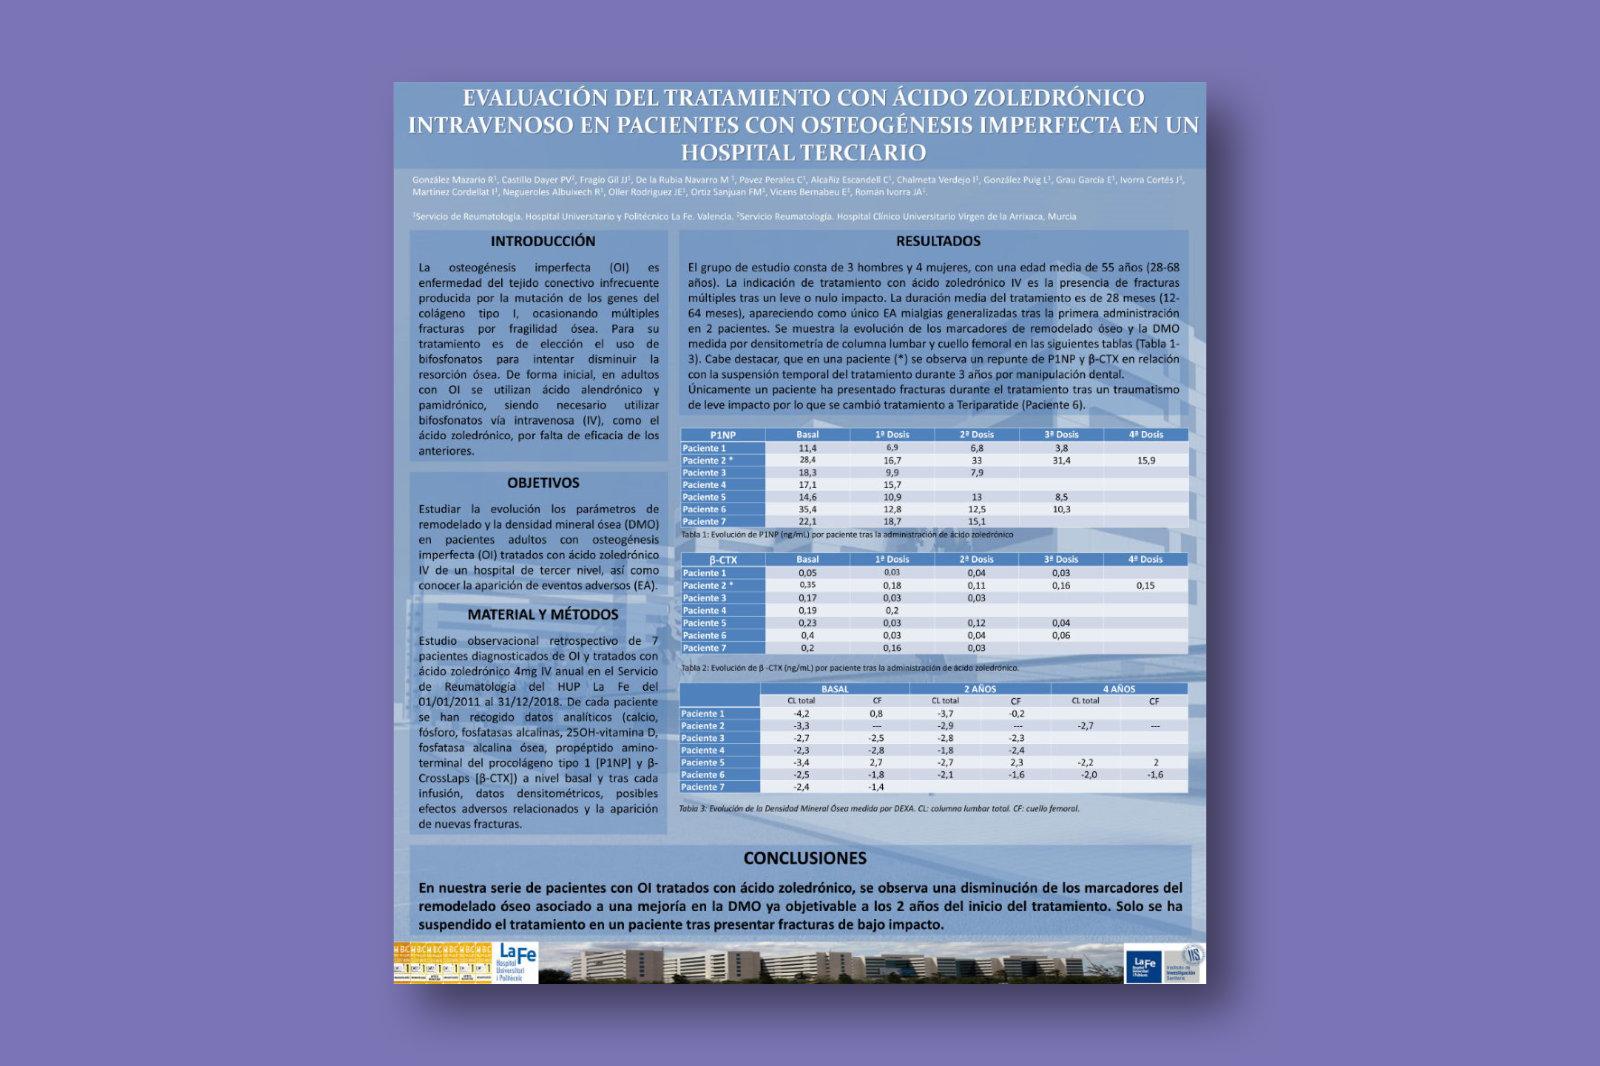 Evaluación del tratamiento con ácido zoledrónico intravenoso en pacientes con osteogénesis imperfecta en un hospital terciario